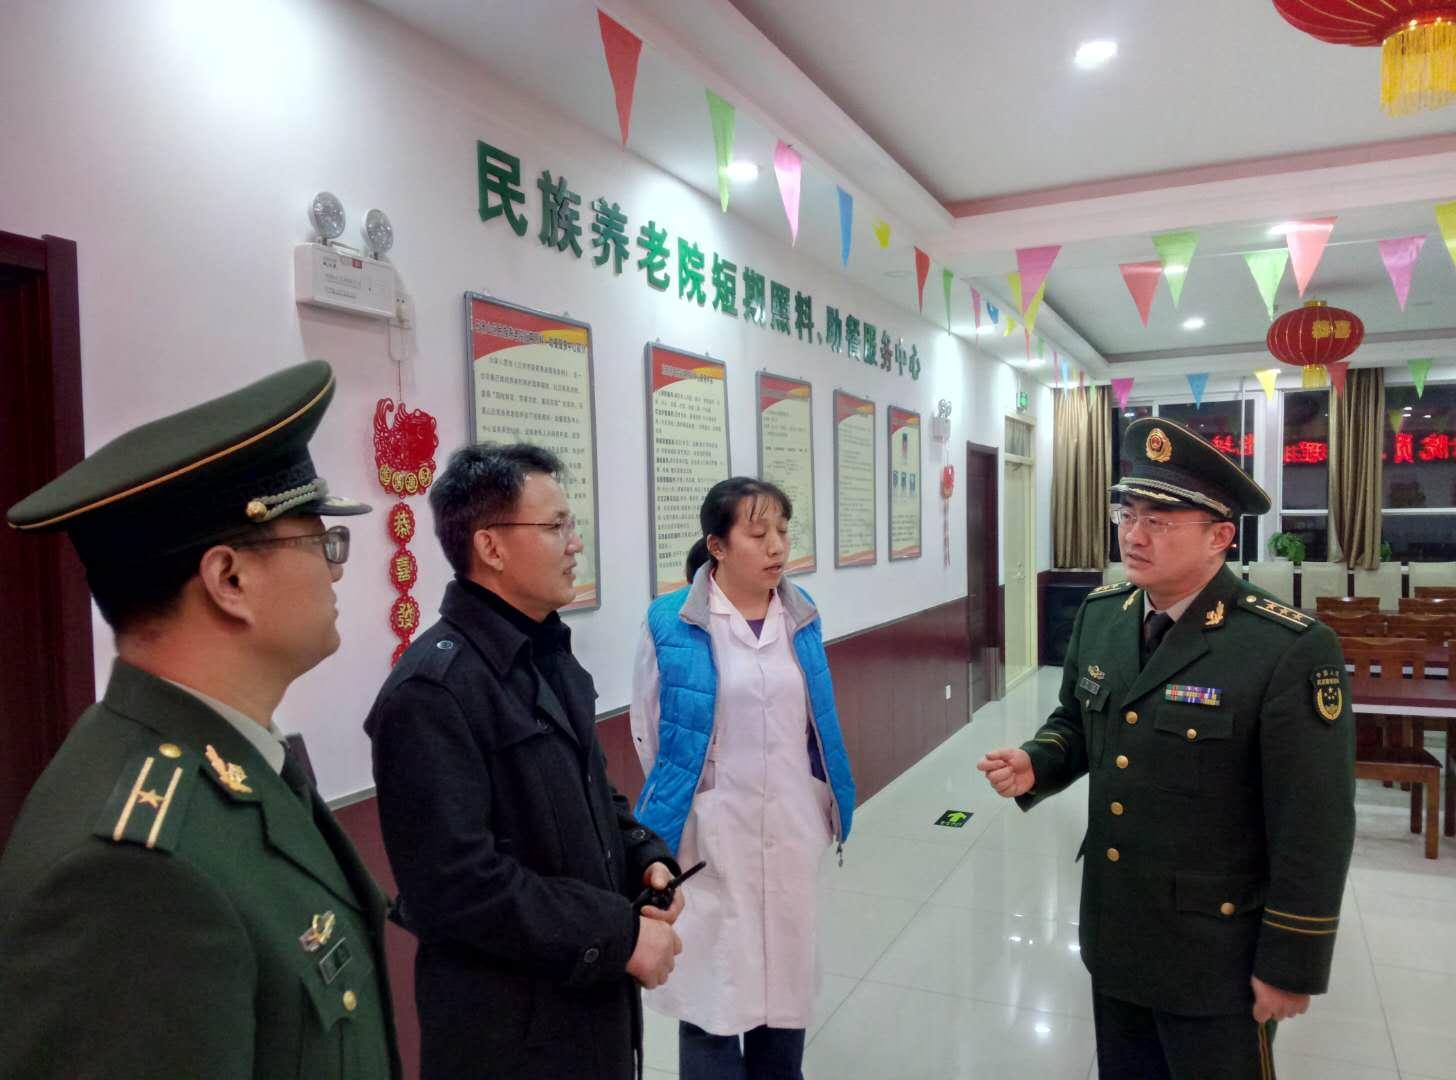 专业评估  专家诊断  专项治理 综合提升北京市养老机构消防安全管控水平